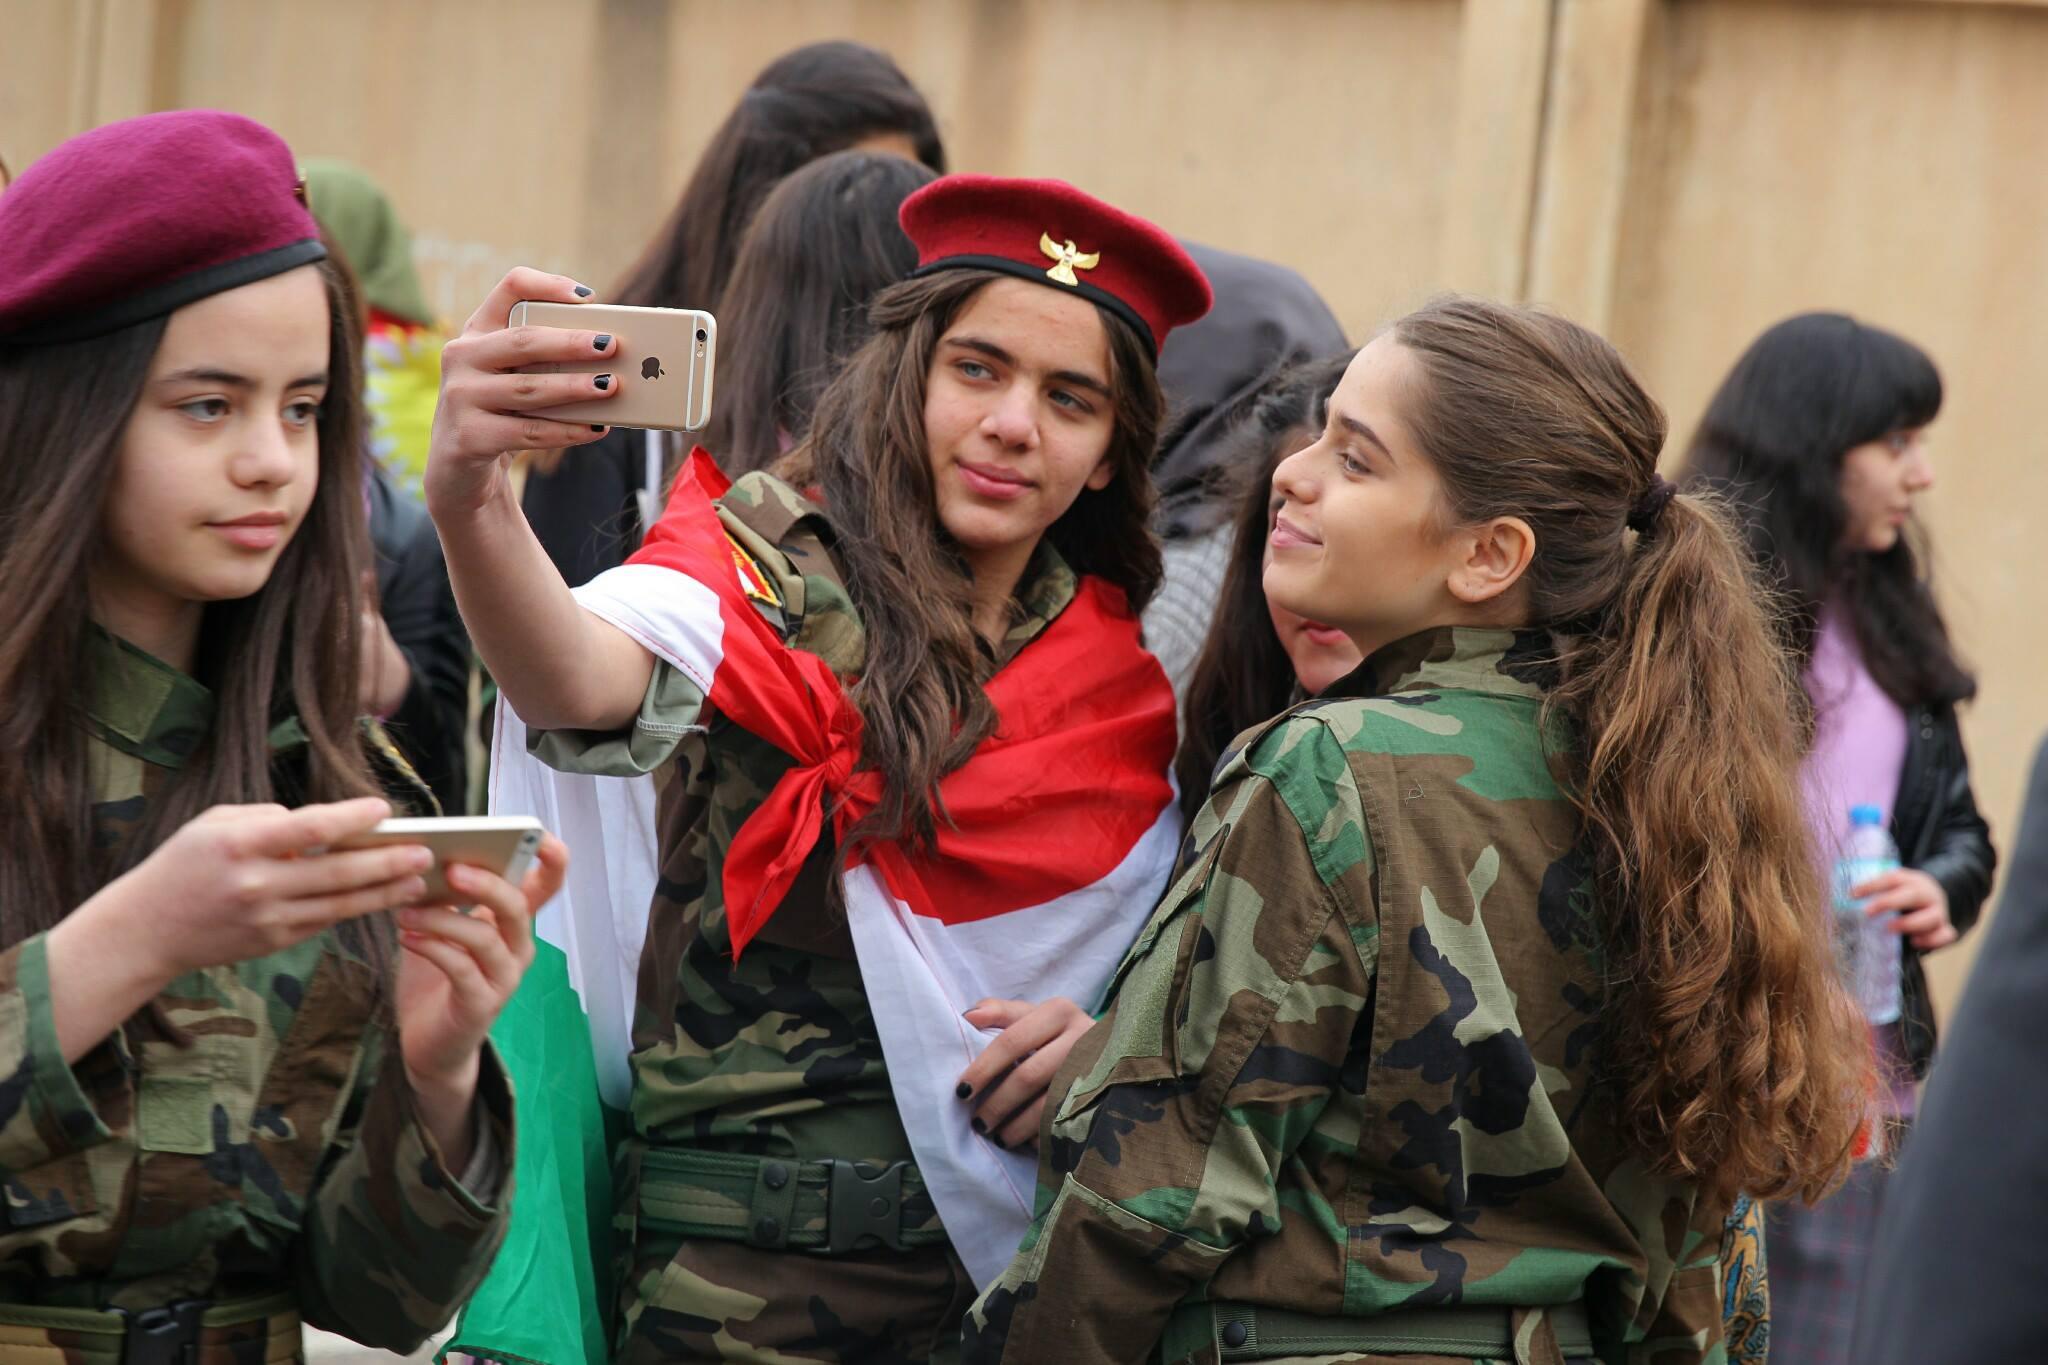 بالصور بنات كردستان , كردستان وصفات ووصف بناتها 5937 9